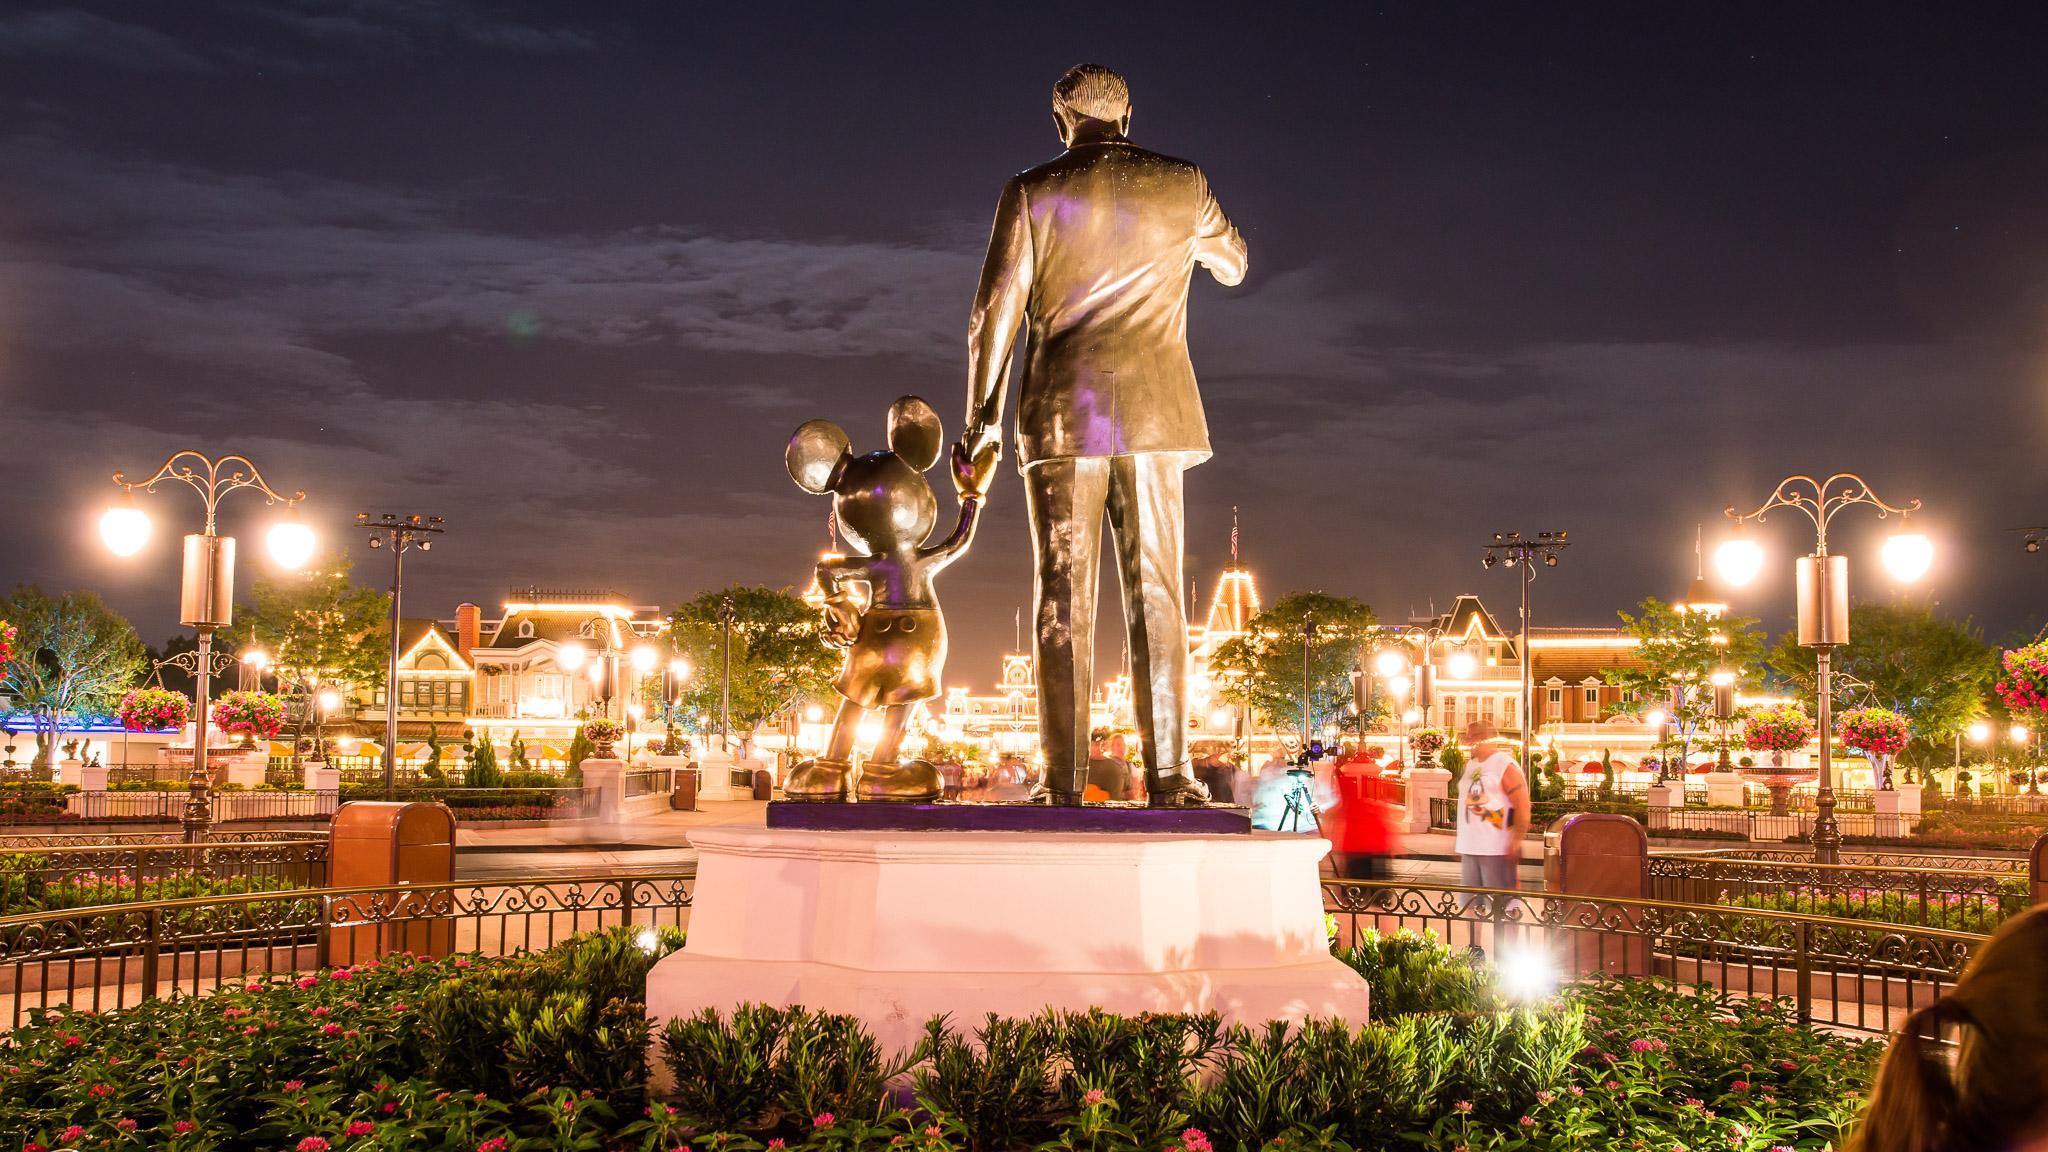 KateTaramykinStudios-Disney-World-Fourth-of July-2015-13.jpg